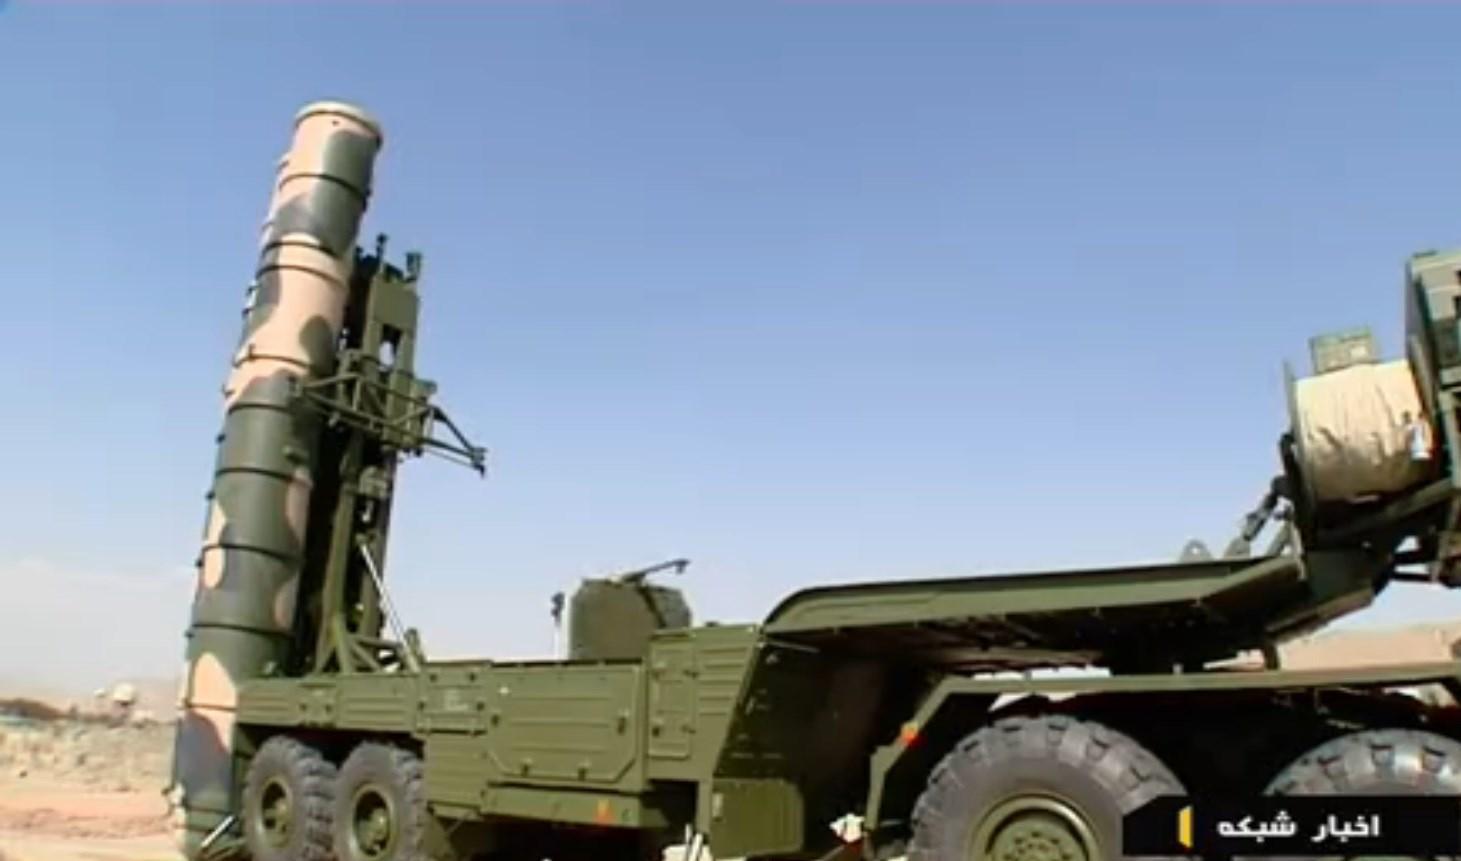 """إيران تنشر """" أنظمة صواريخ  S-300 """" قرب منشأة فردو النووية  1395060808394349185044410"""